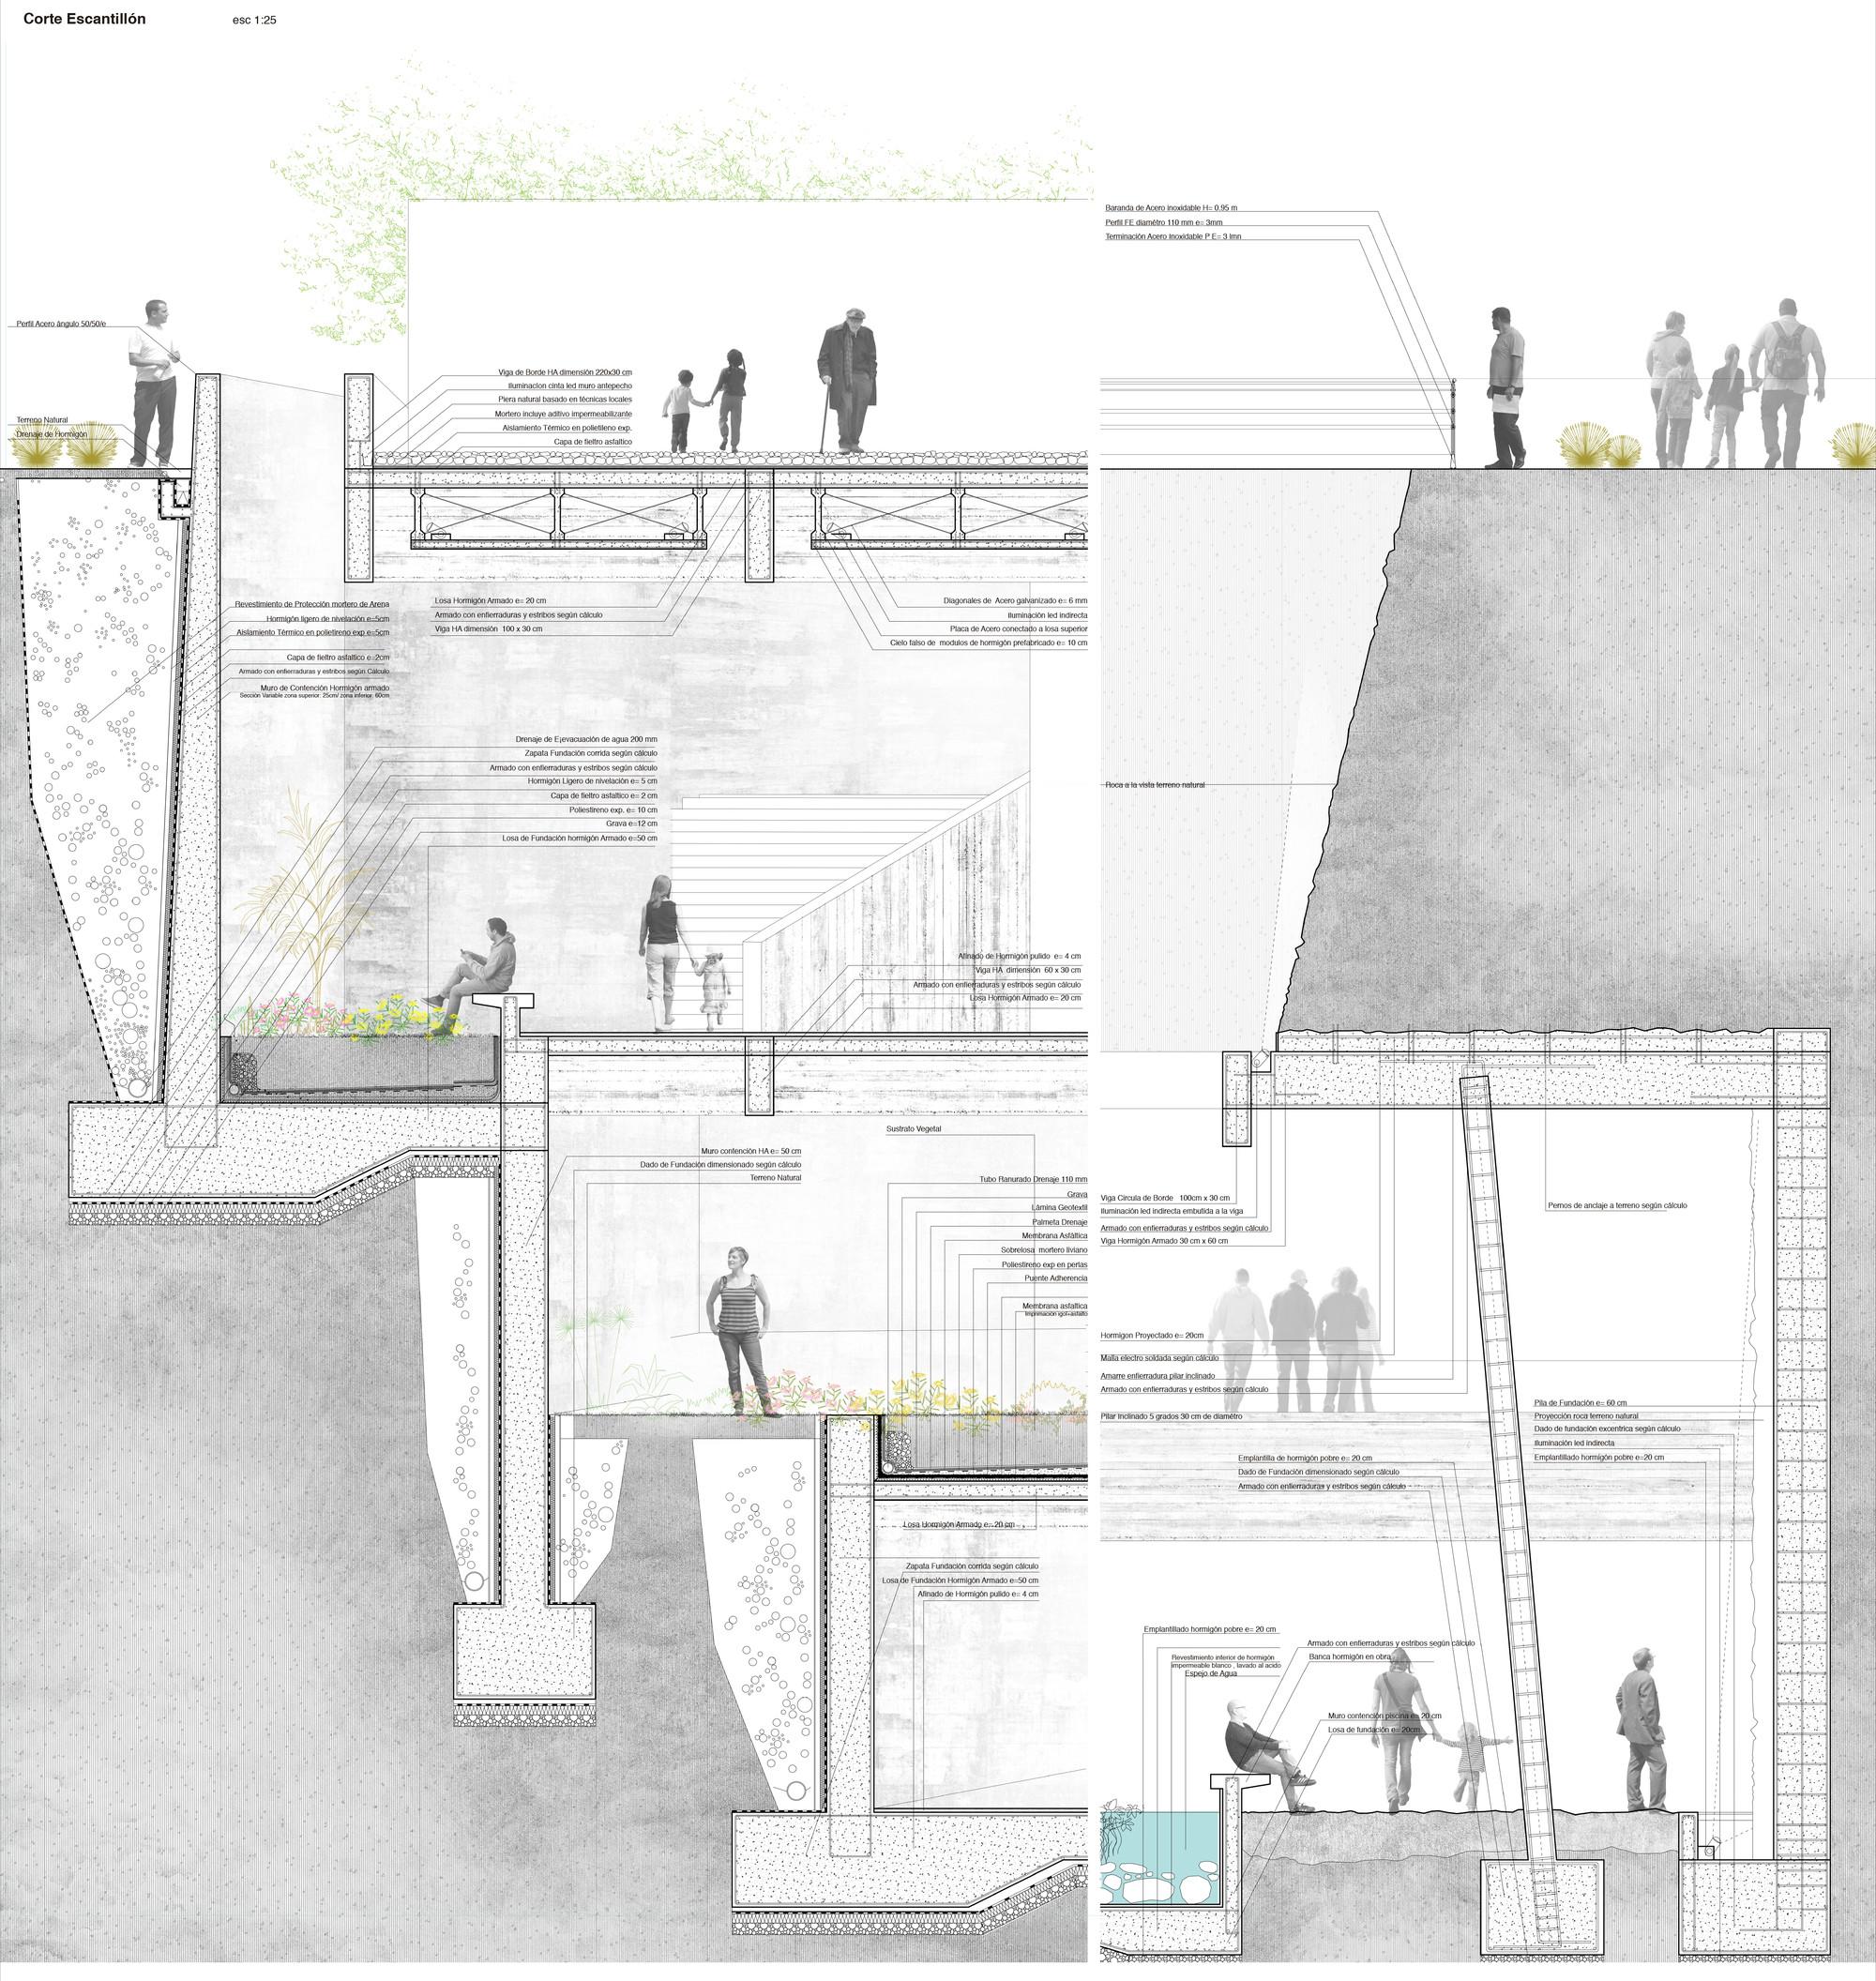 Galeria Arquitectonica: Galería De Jardín Botánico De Calama, Primer Lugar En